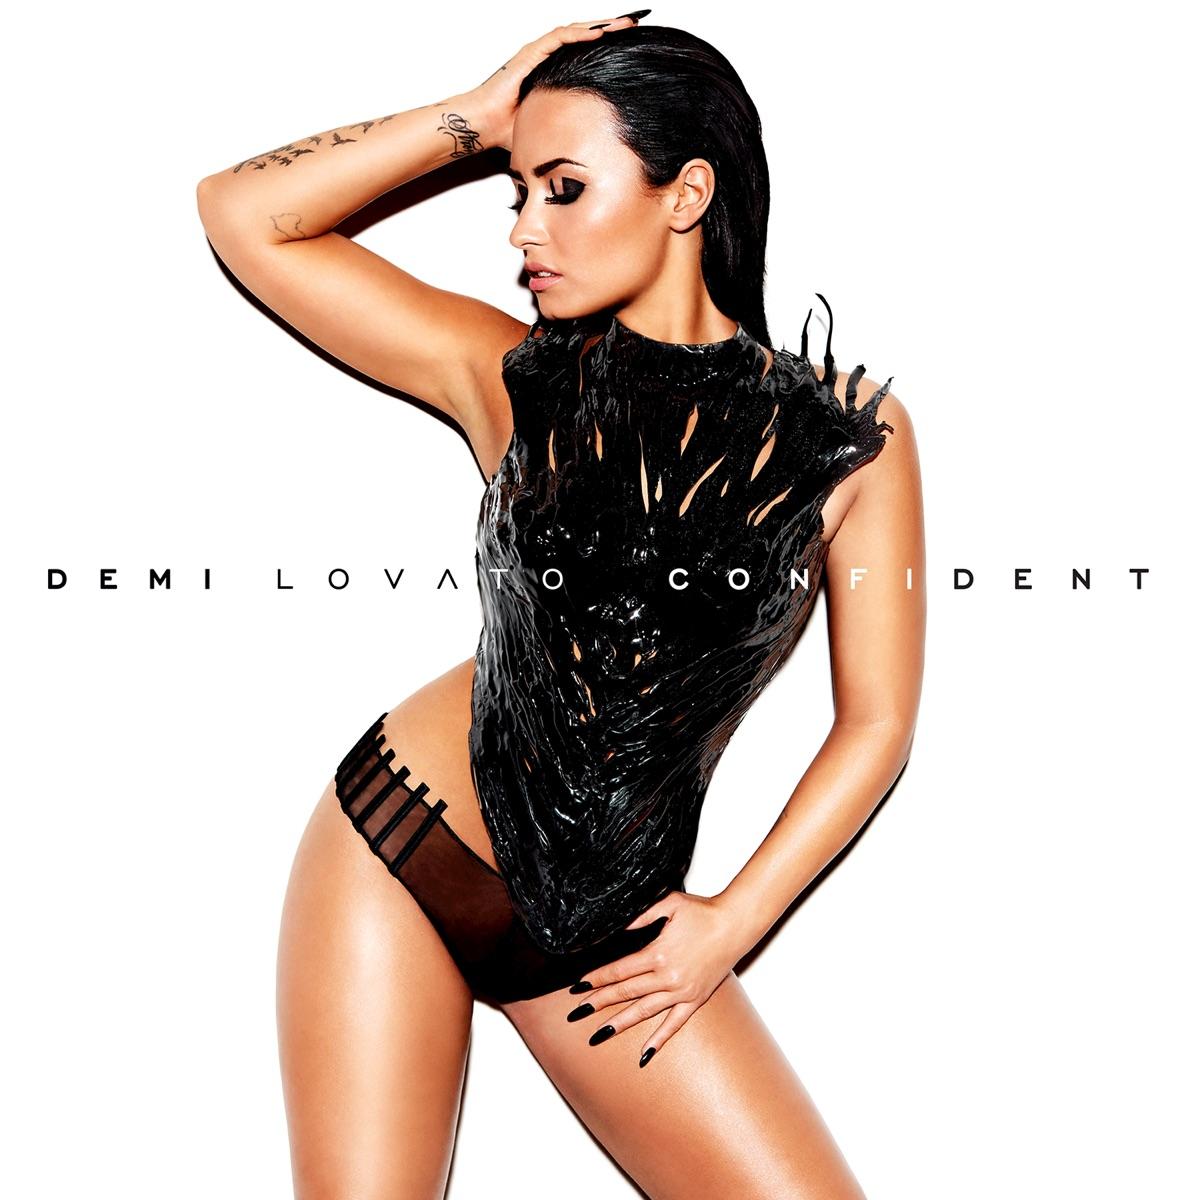 Confident Demi Lovato CD cover